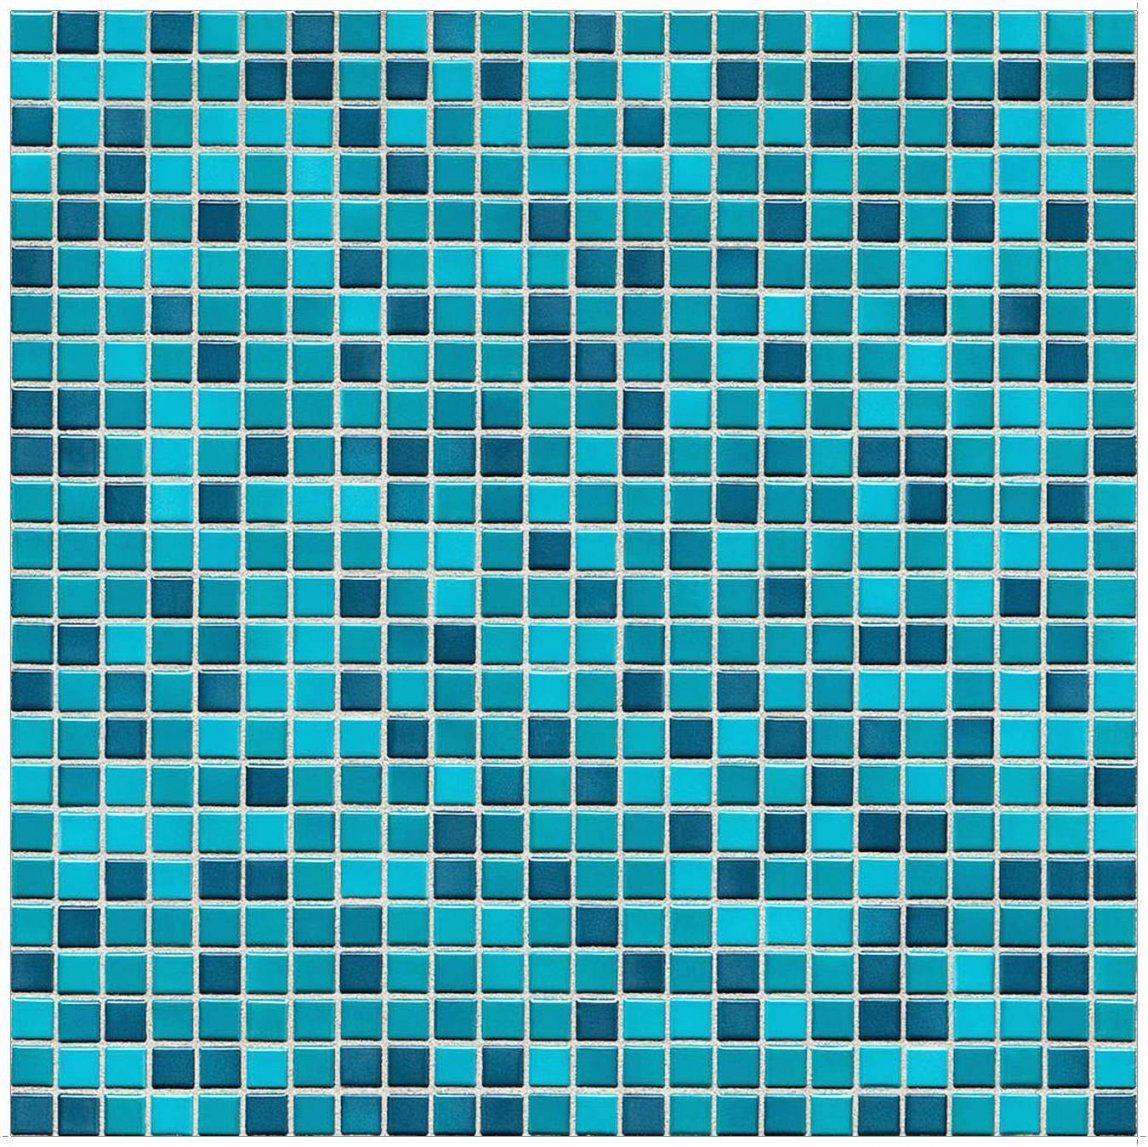 Mosaik Fliesen Türkis Glas Mosaik T Rkis Mix Matt 2 3 2 3 Cm St Rke von Mosaik Fliesen Türkis Bad Bild